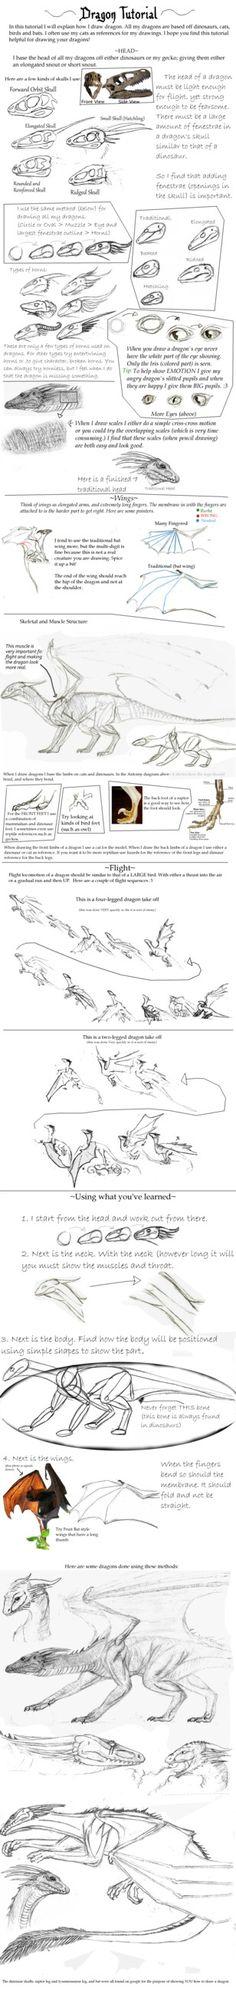 als je nog eens een draak wilt tekenen...